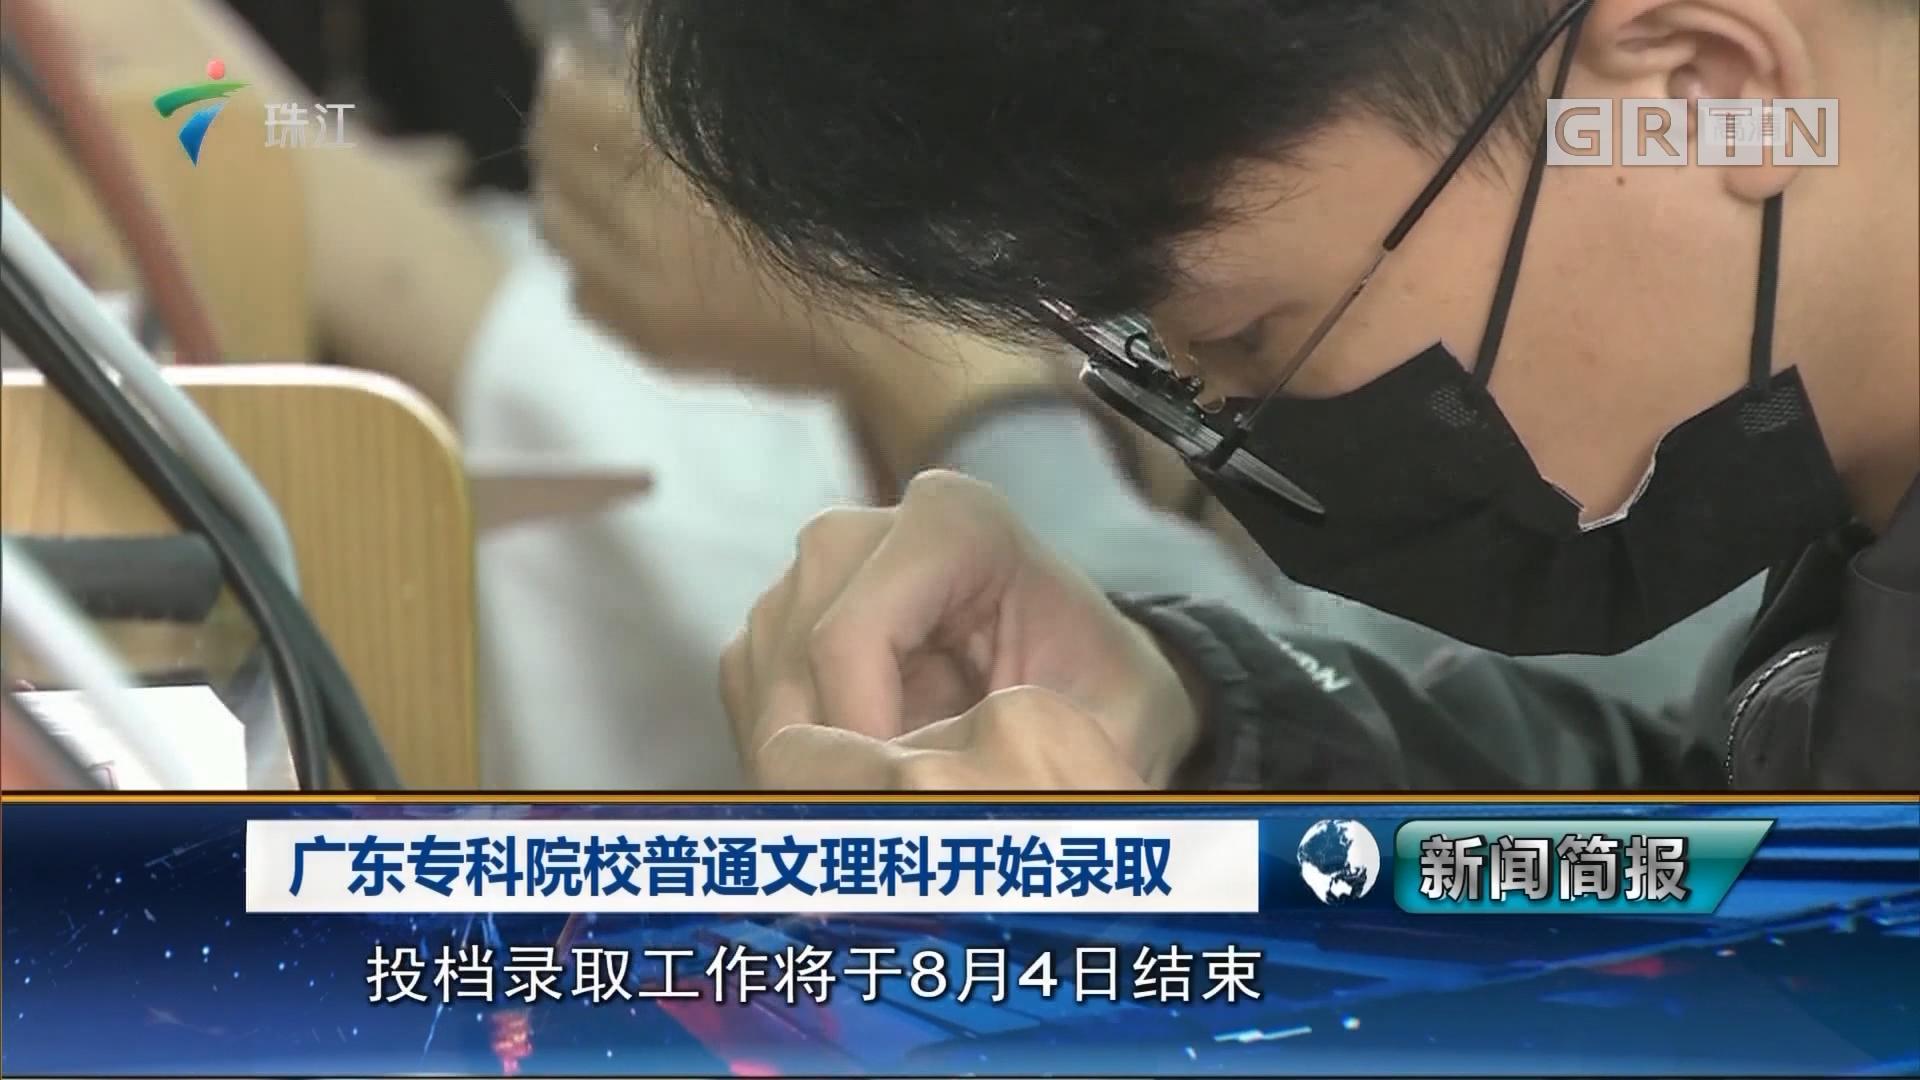 广东专科院校普通文理科开始录取